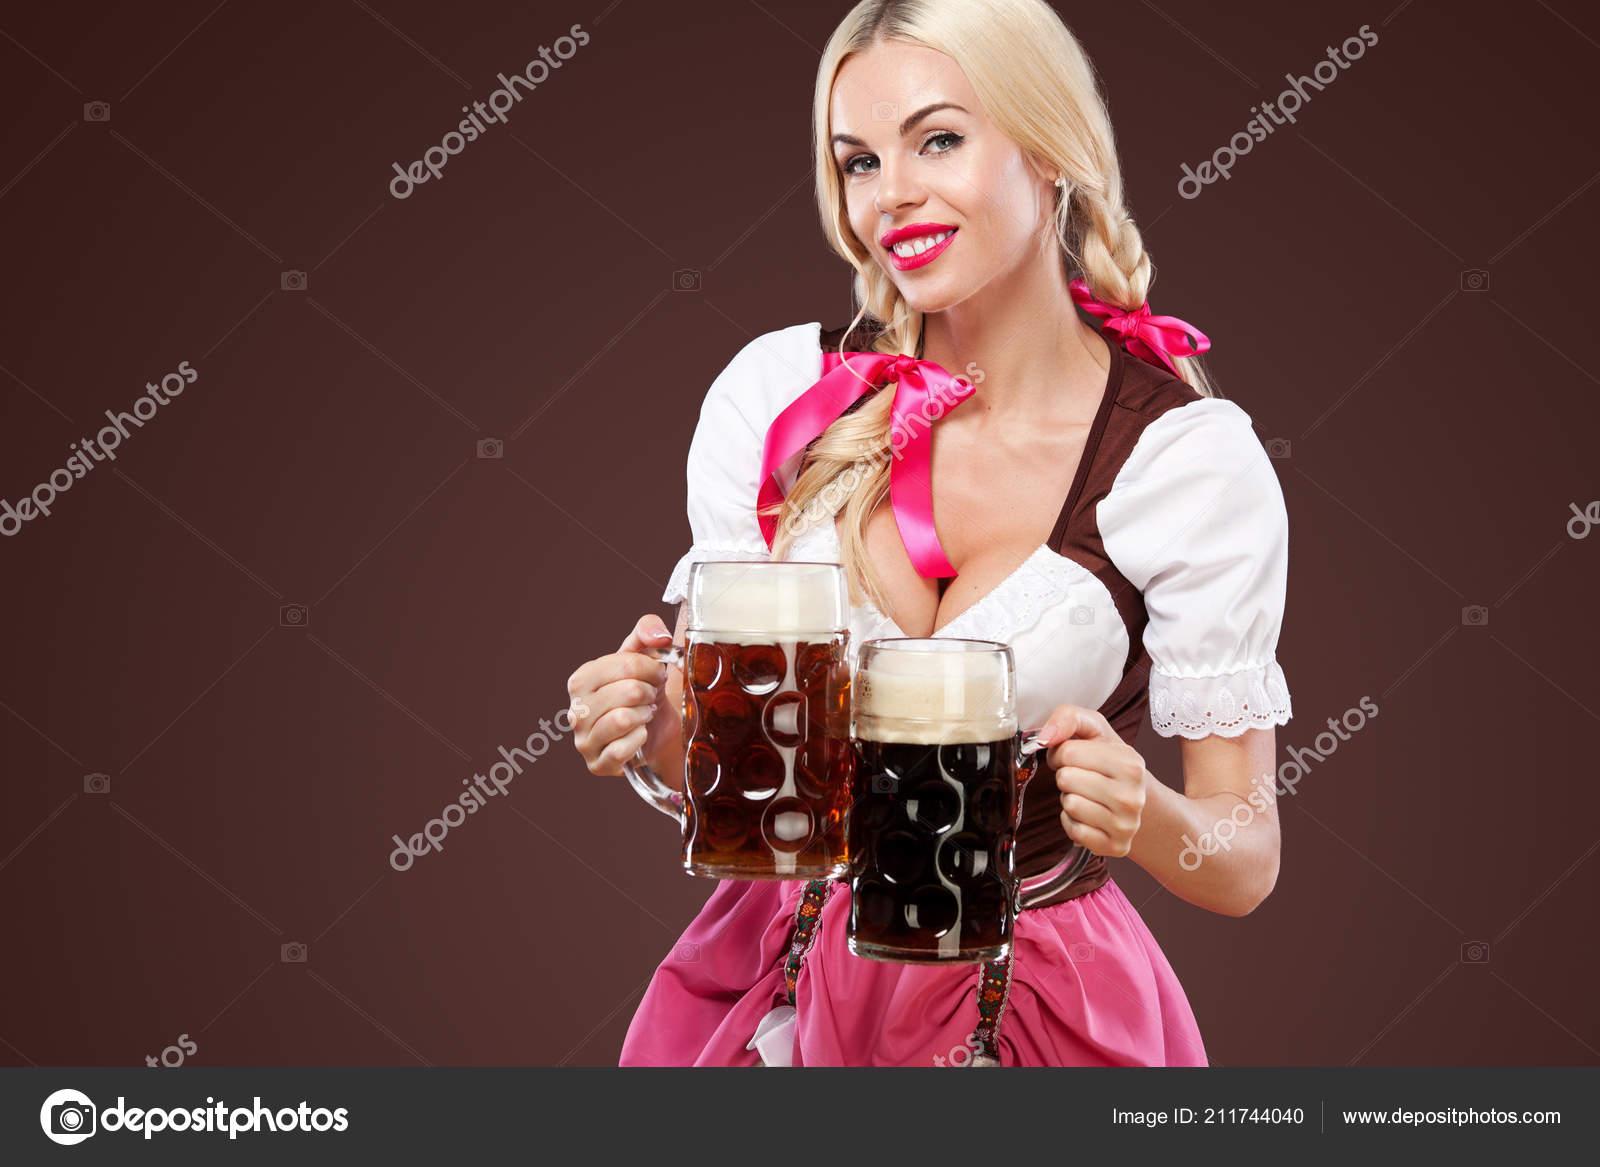 blondinka-s-bolshoy-grudyu-zhenshini-s-bolshim-byustom-golie-onlayn